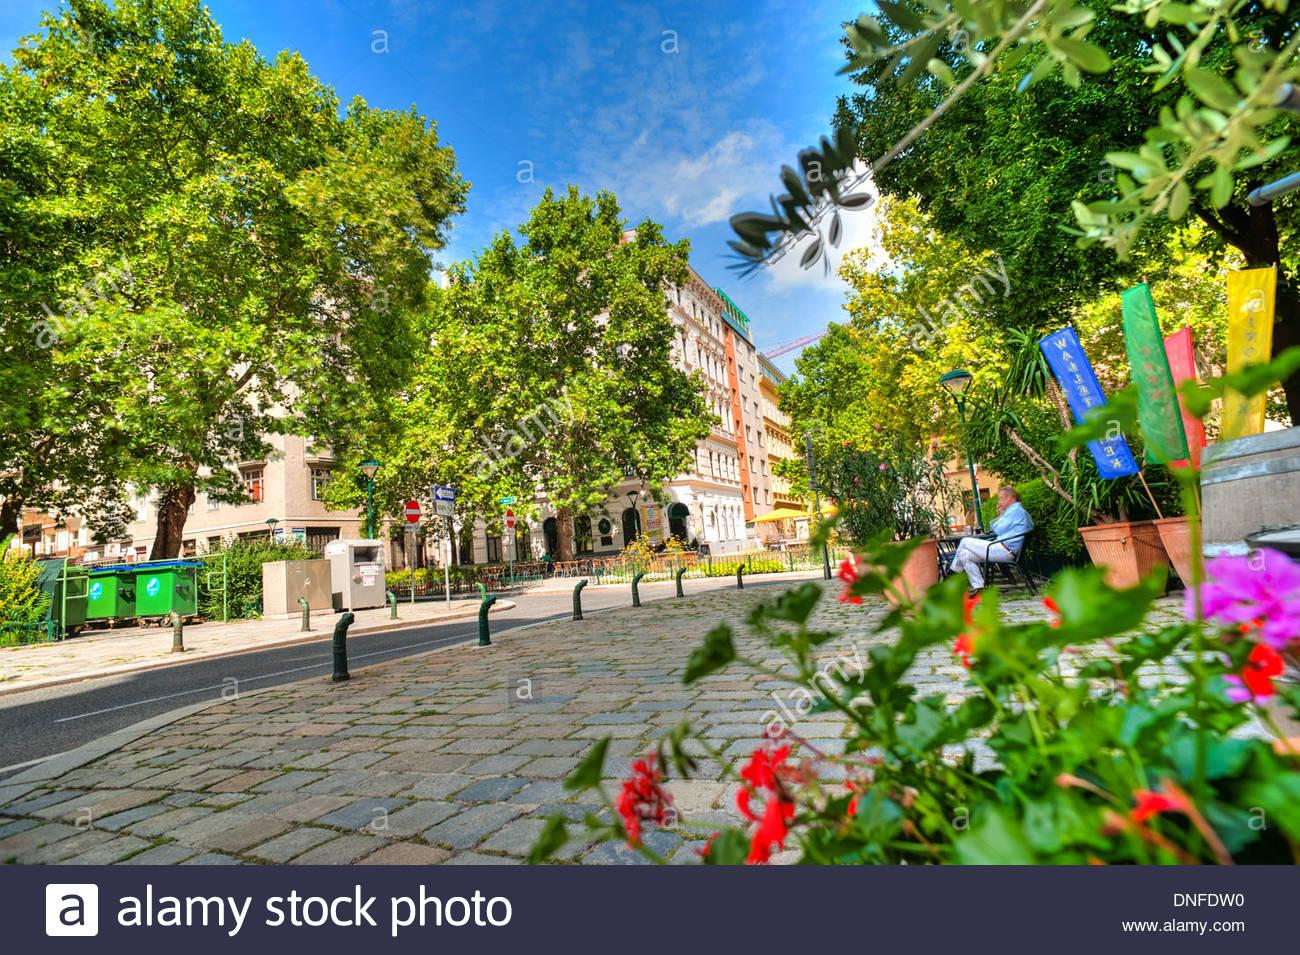 Wien, grüne Gasse, Vienna, Green Alley - Stock Image